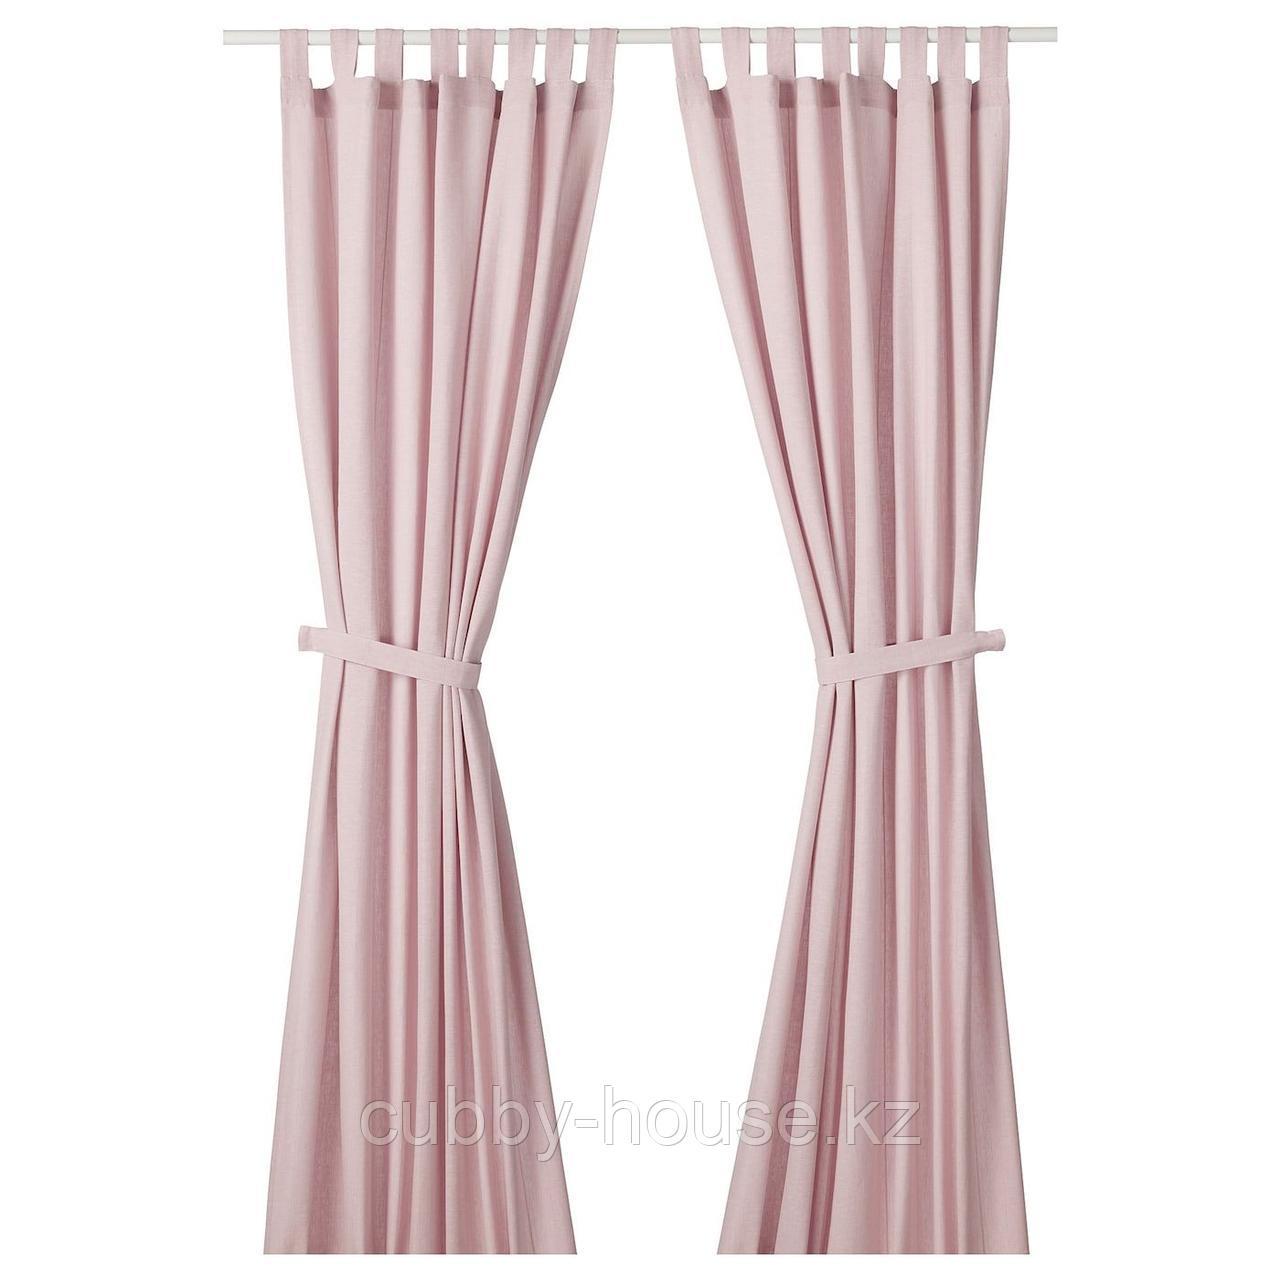 ЛЕНДА Гардины с прихватом, 1 пара, светло-розовый, 140x300 см